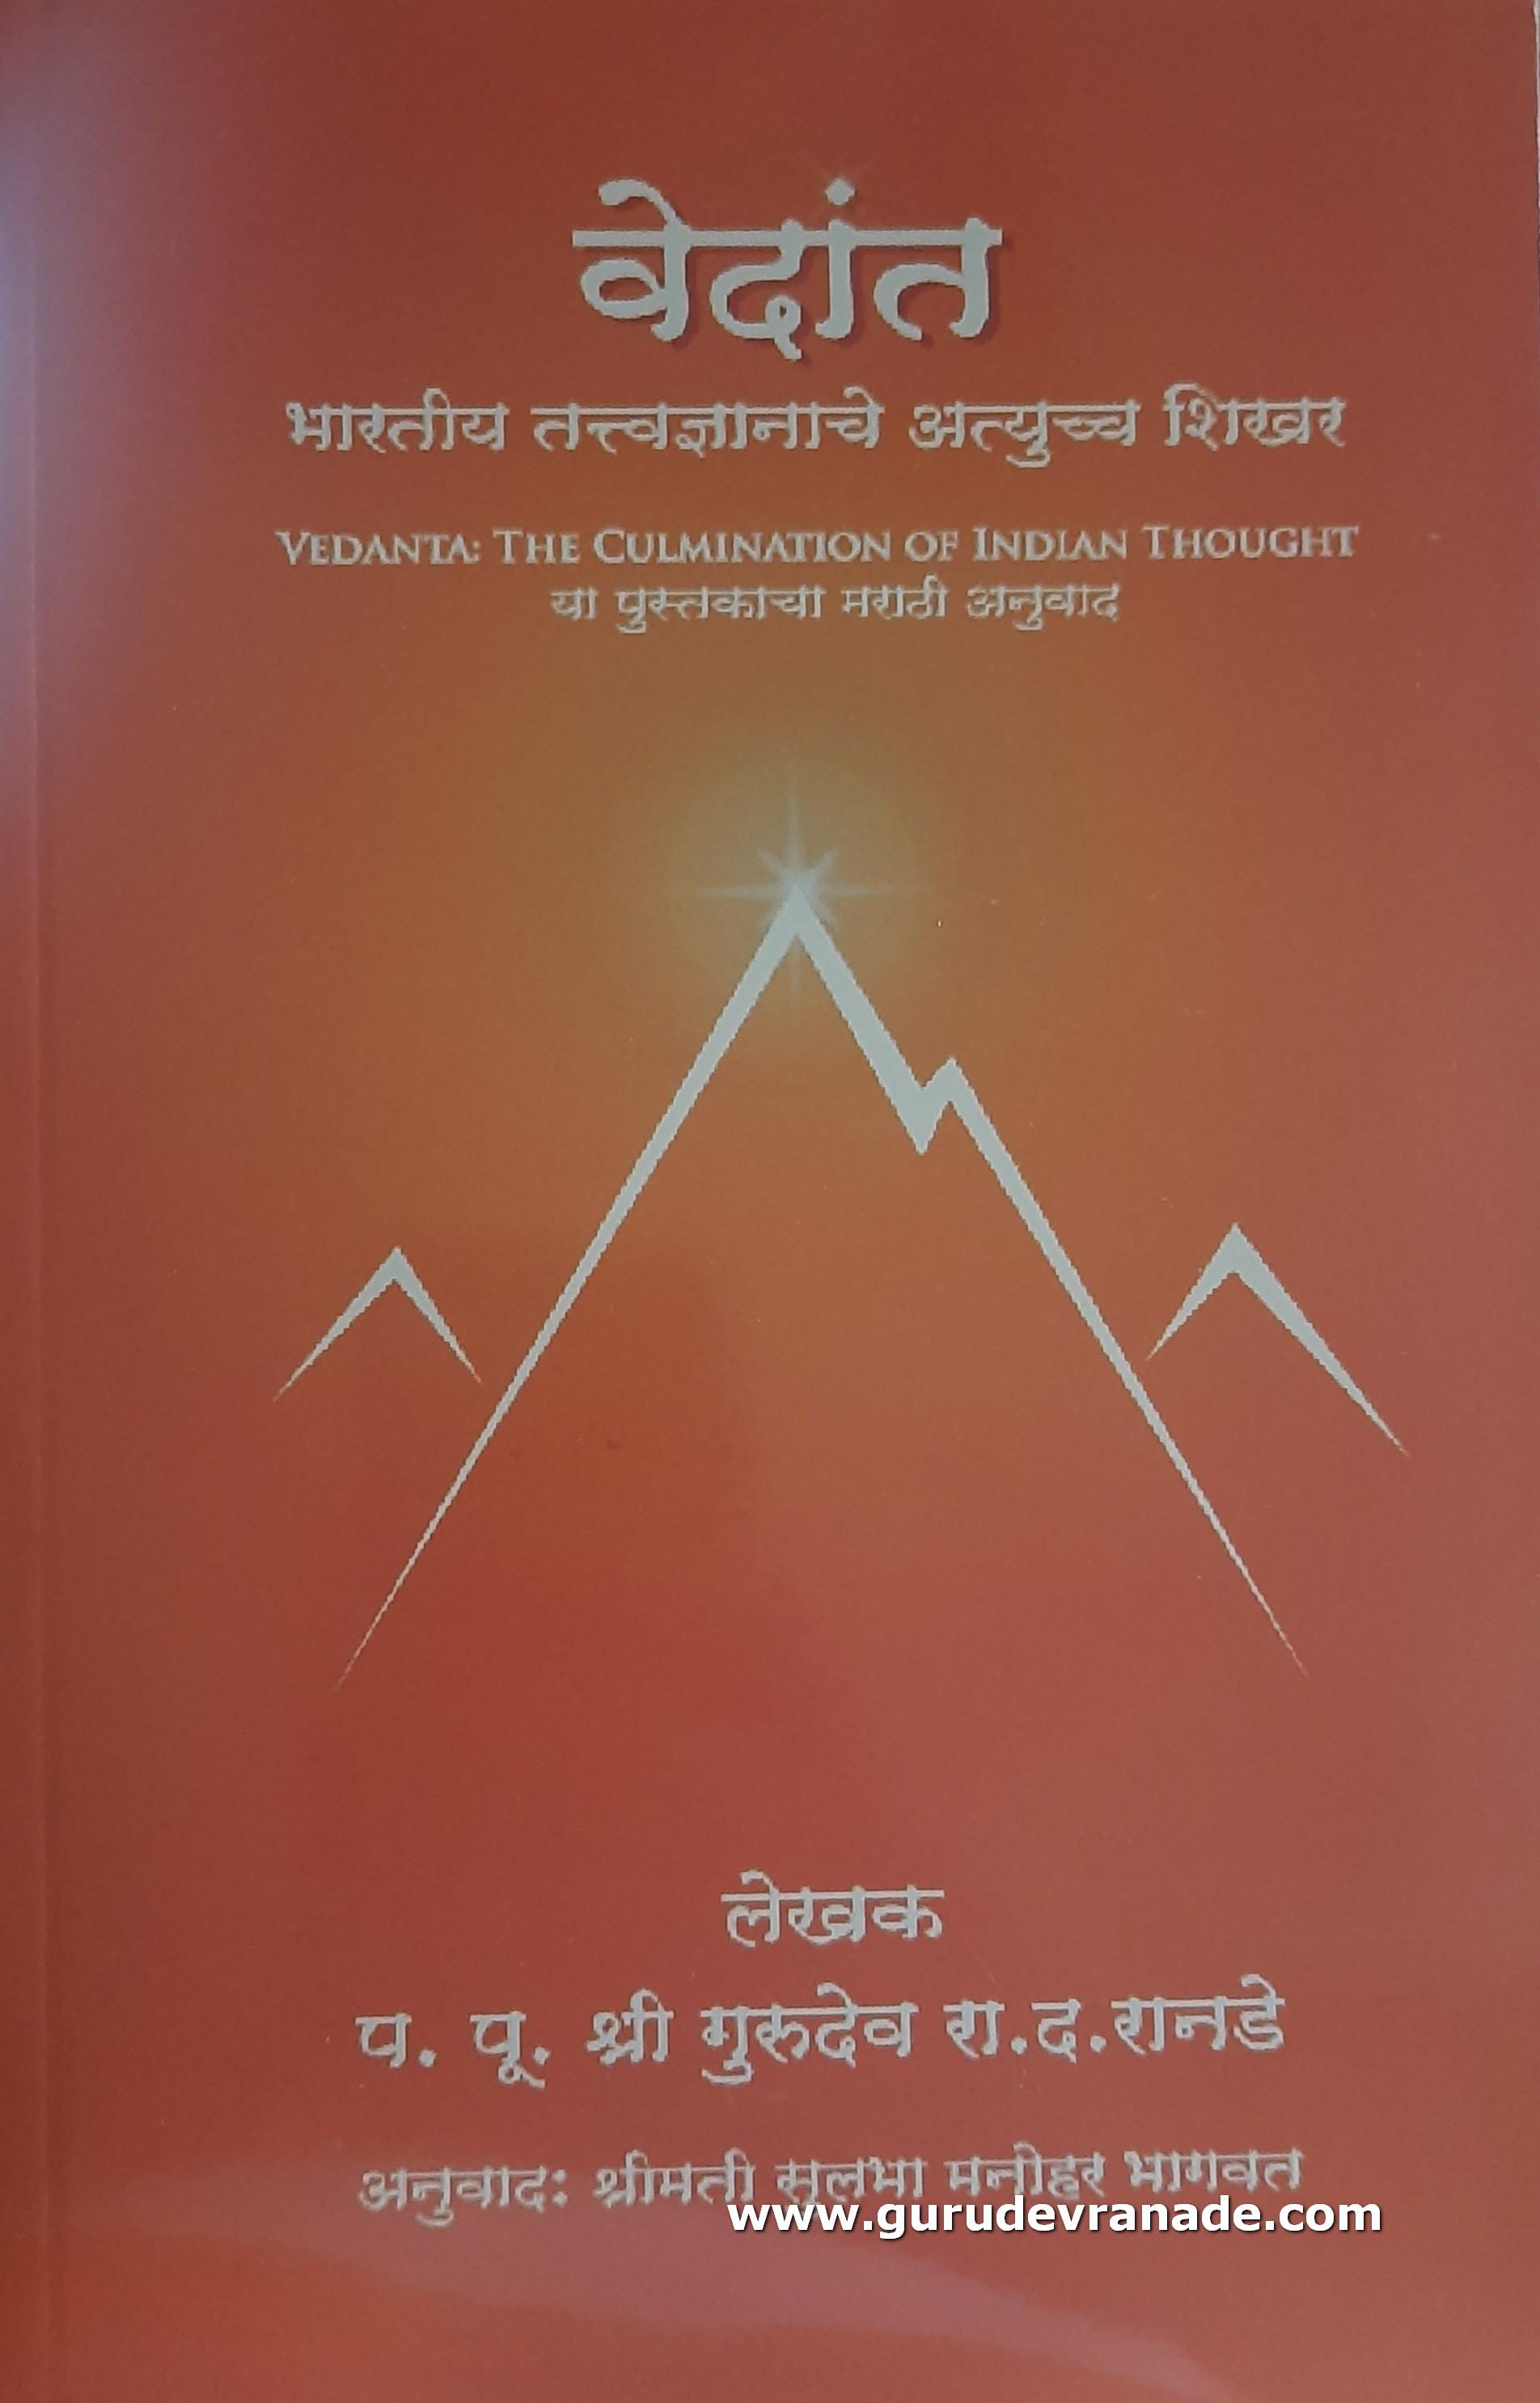 Vedanta Marathi